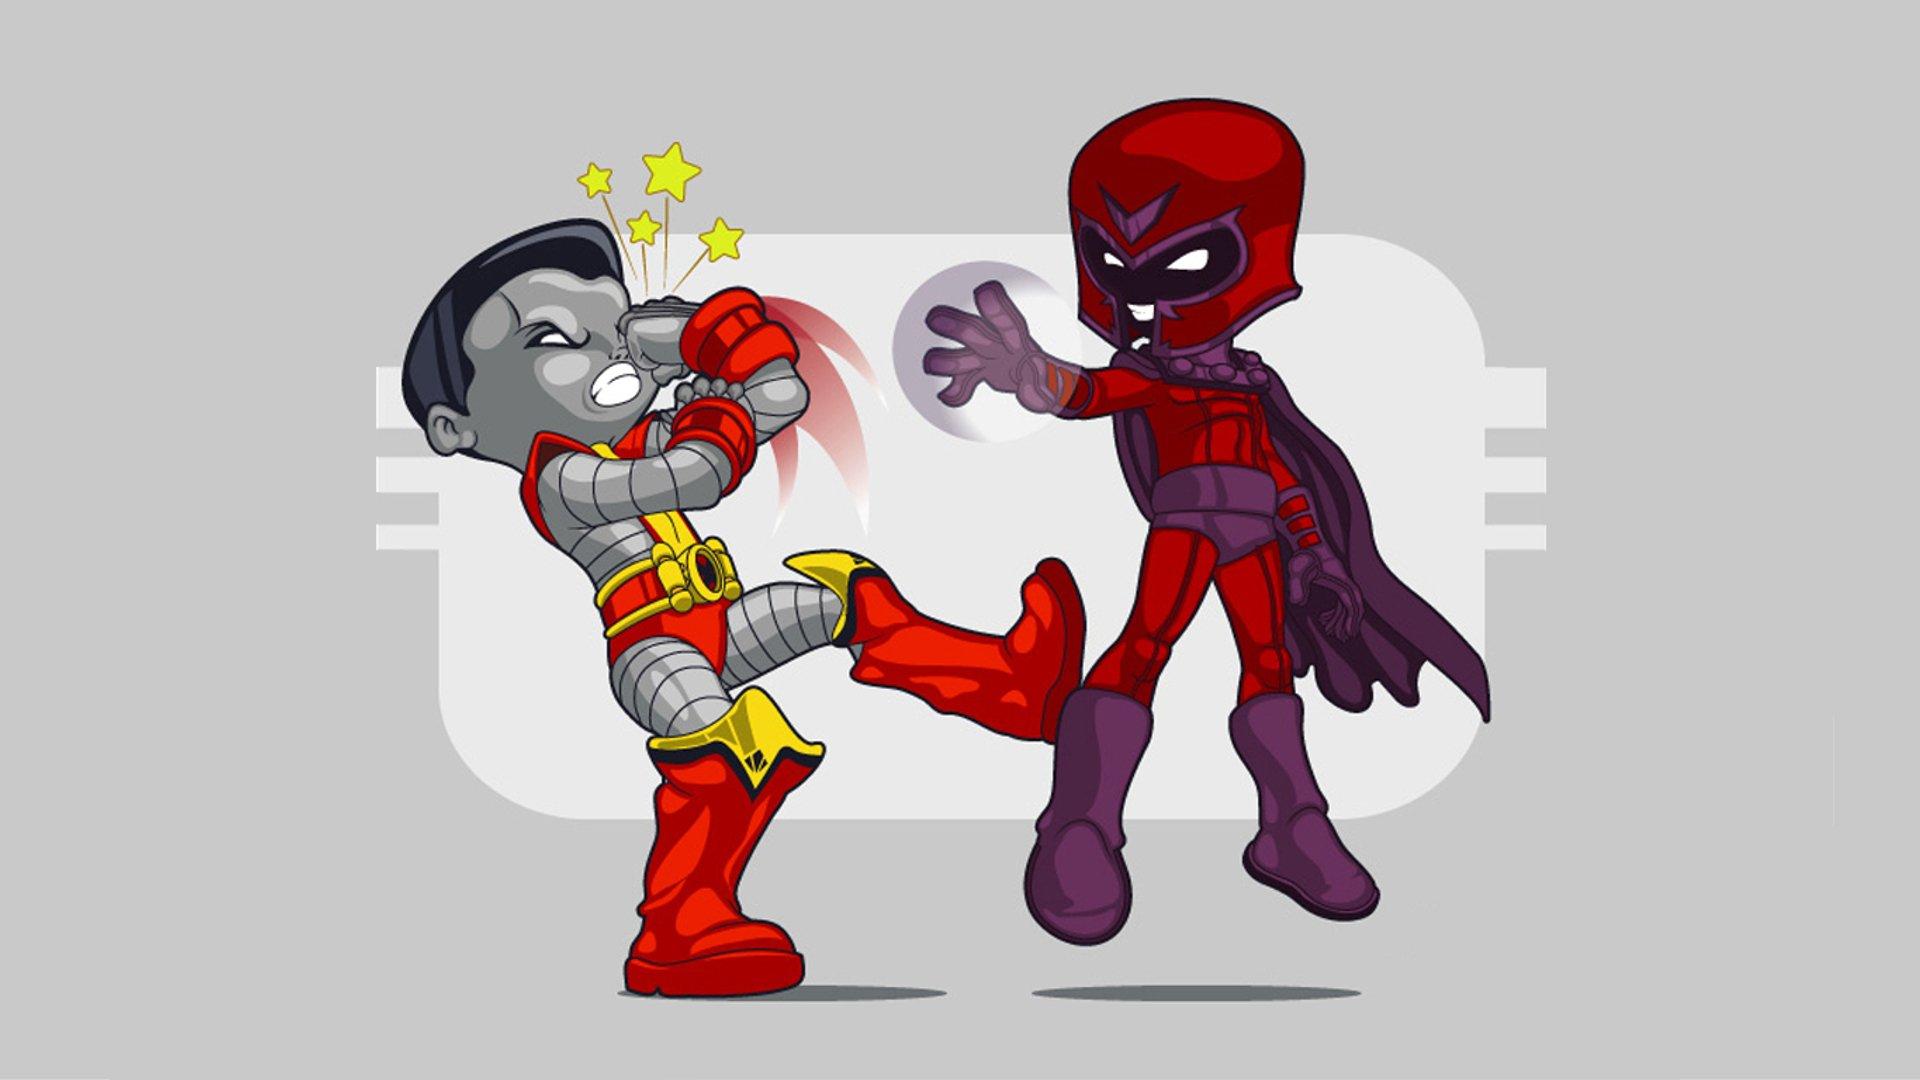 Cartoons X Men Colossus Magneto Marvel Comics Wallpaper